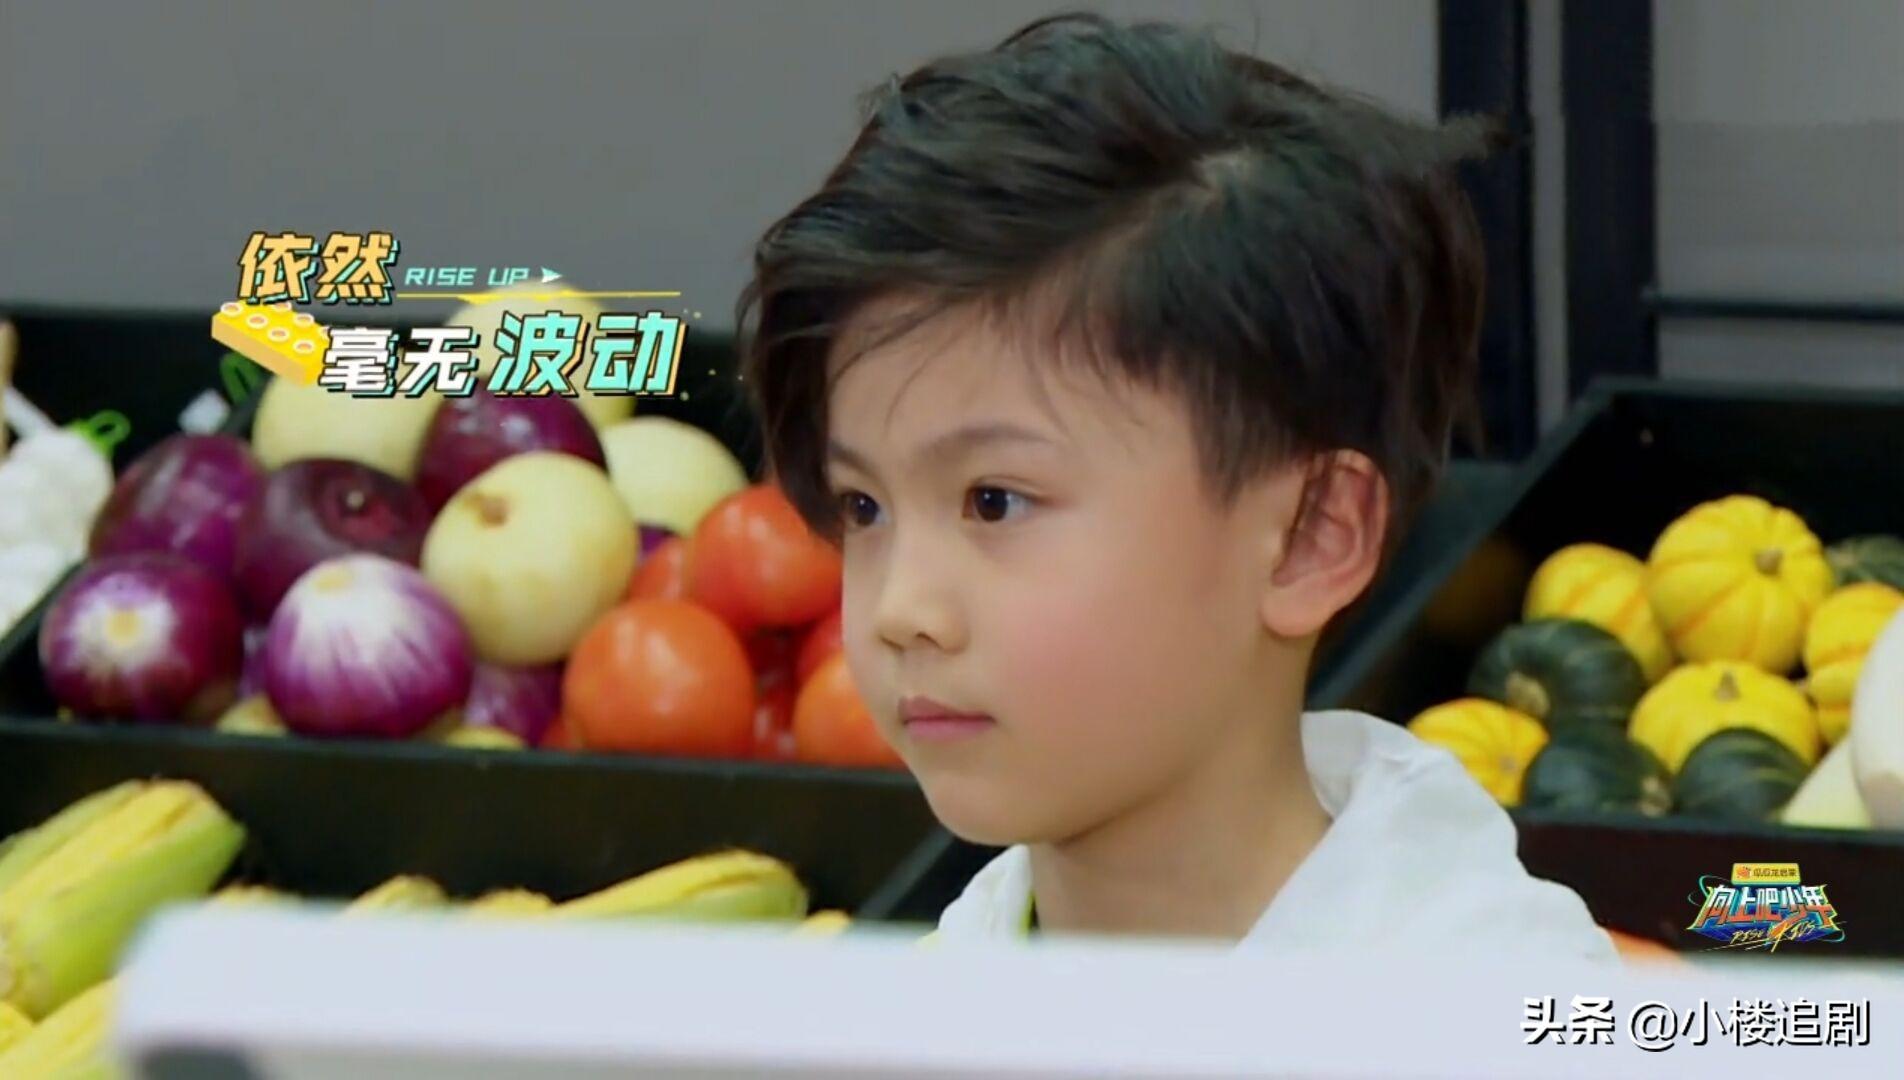 《向上吧少年》:傅首尔一个简单问题,戳痛了多少苏明玉的心